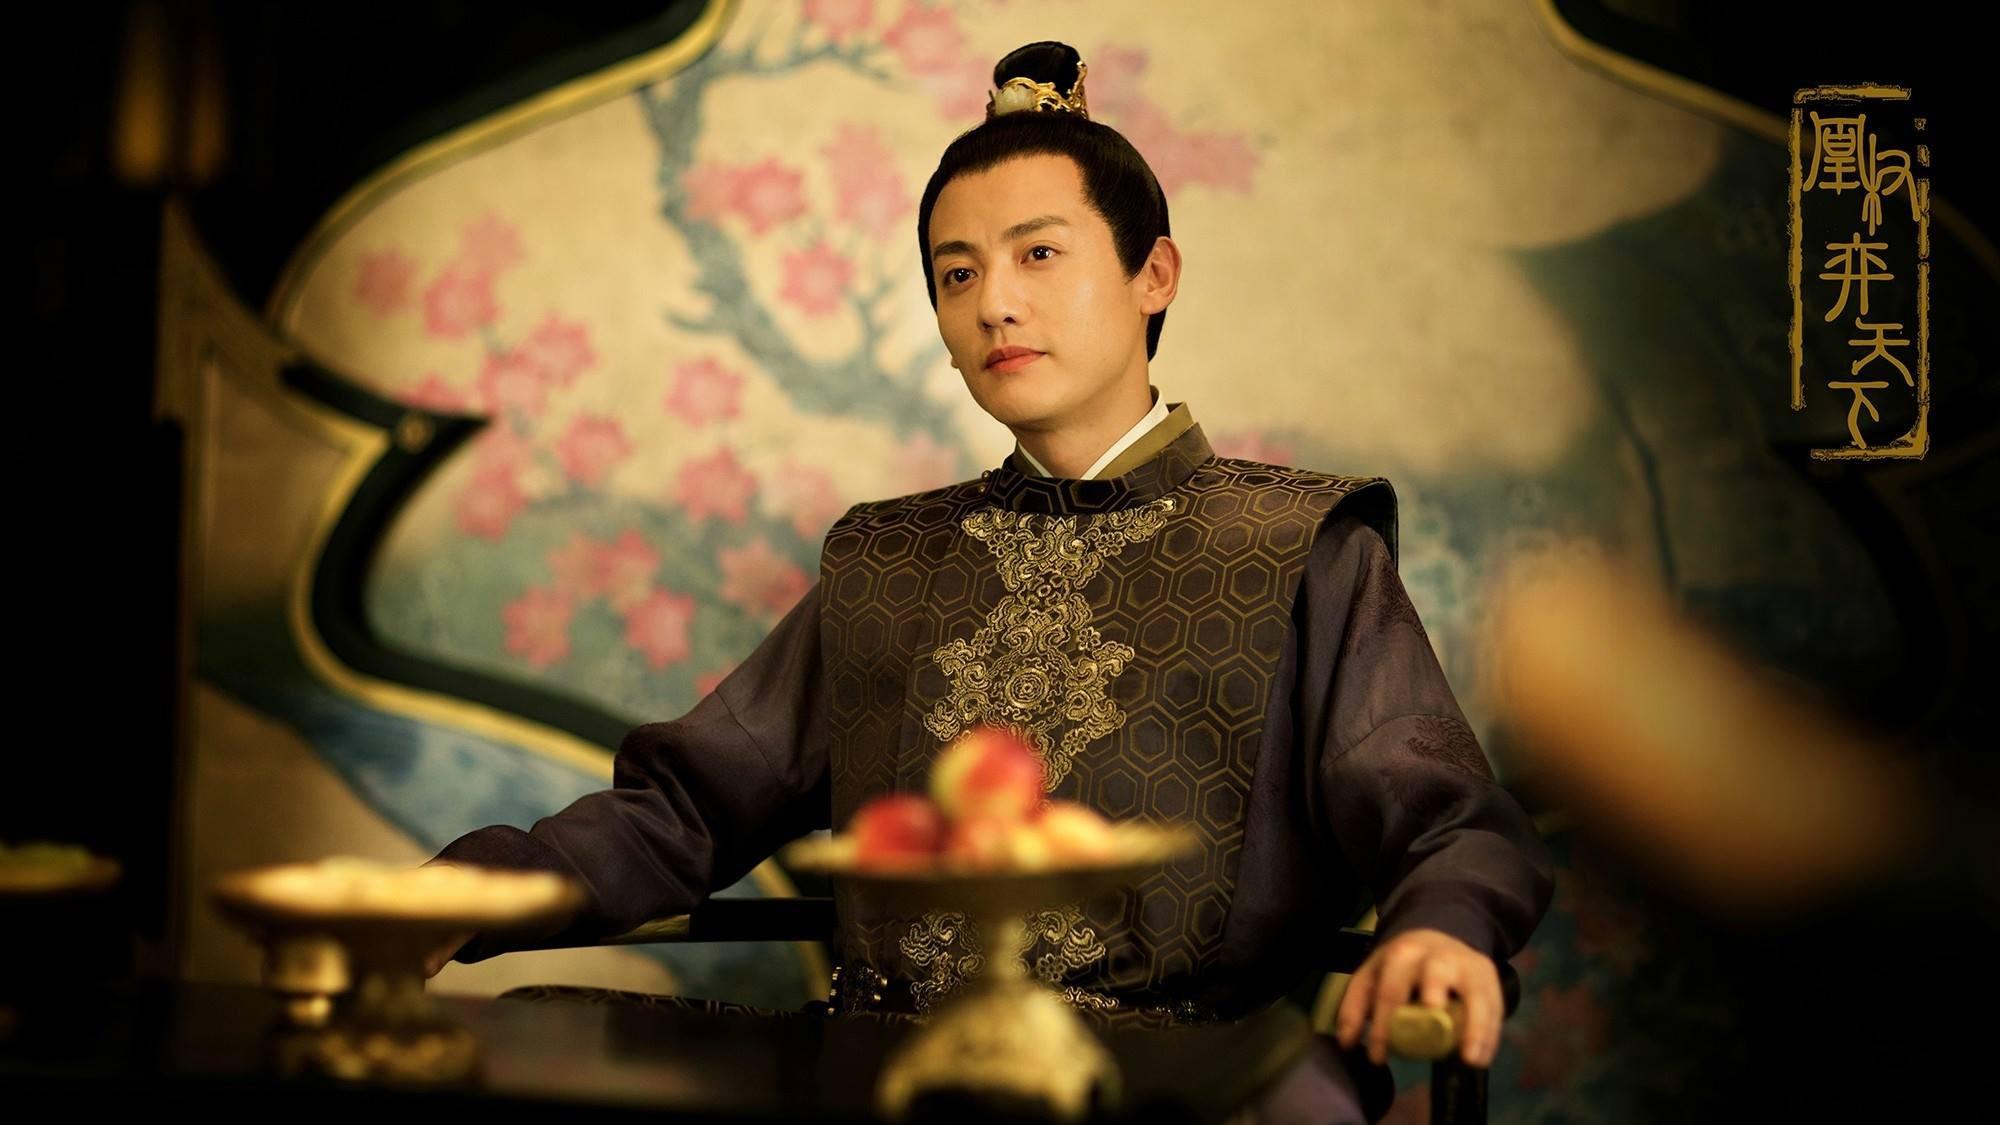 Nhị hoàng tử Ninh Thăng